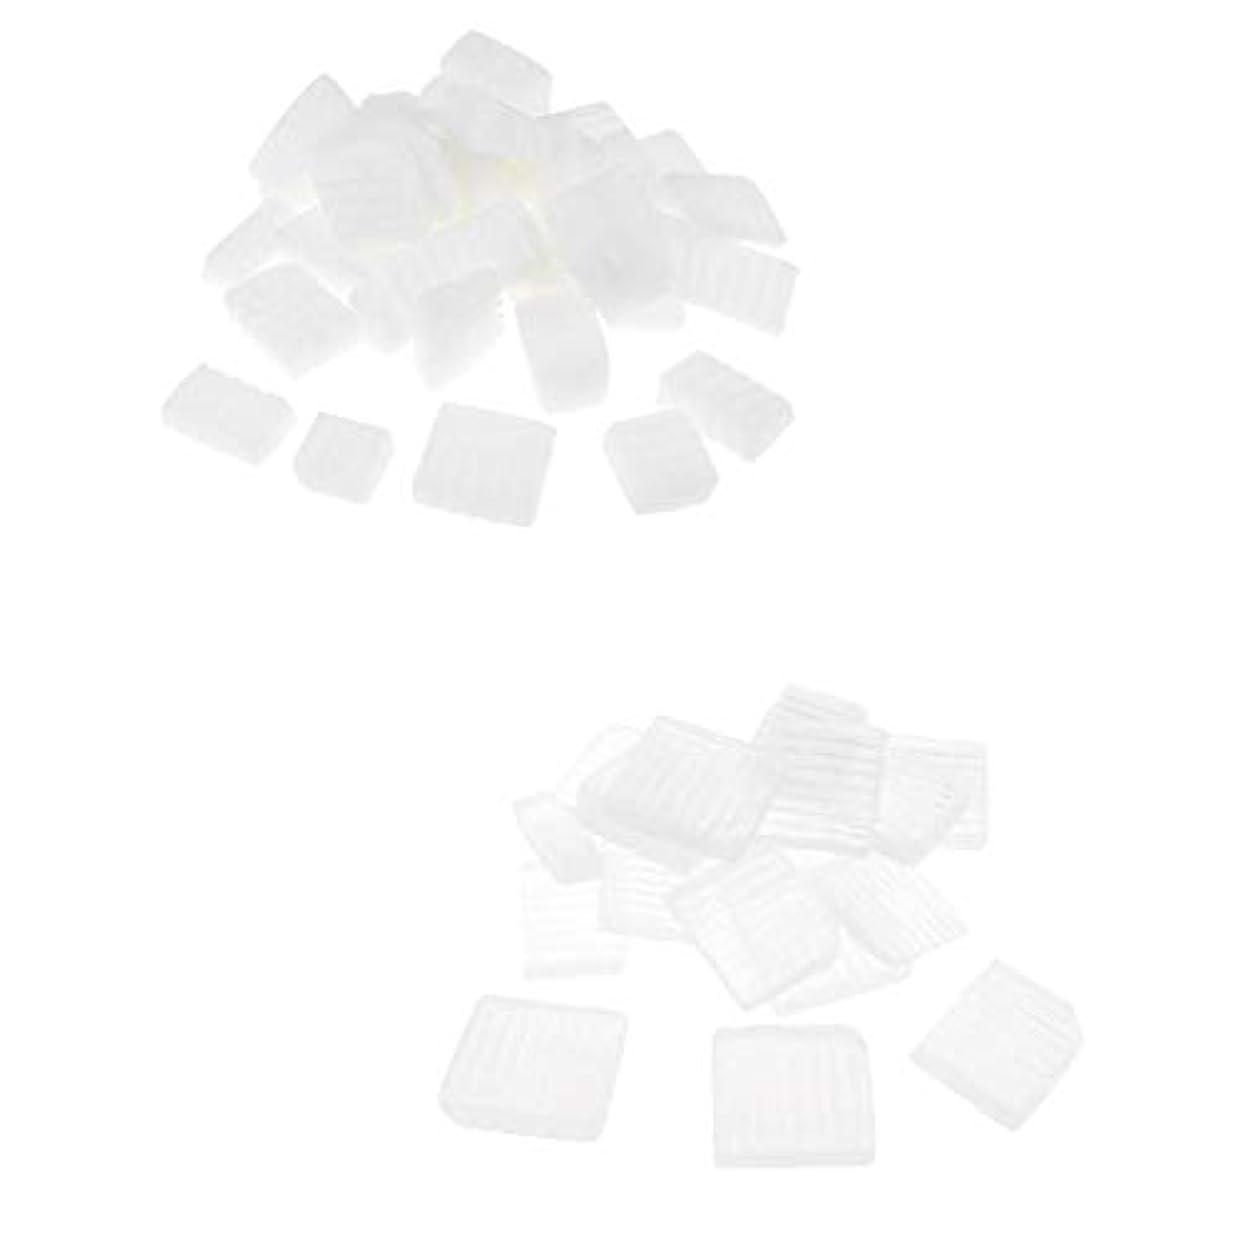 同盟安価な側面FLAMEER 固形せっけん 石鹸ベース 2KG ホワイトクリア DIY製造 工芸品 ハンドメイド 石鹸原料 耐久性